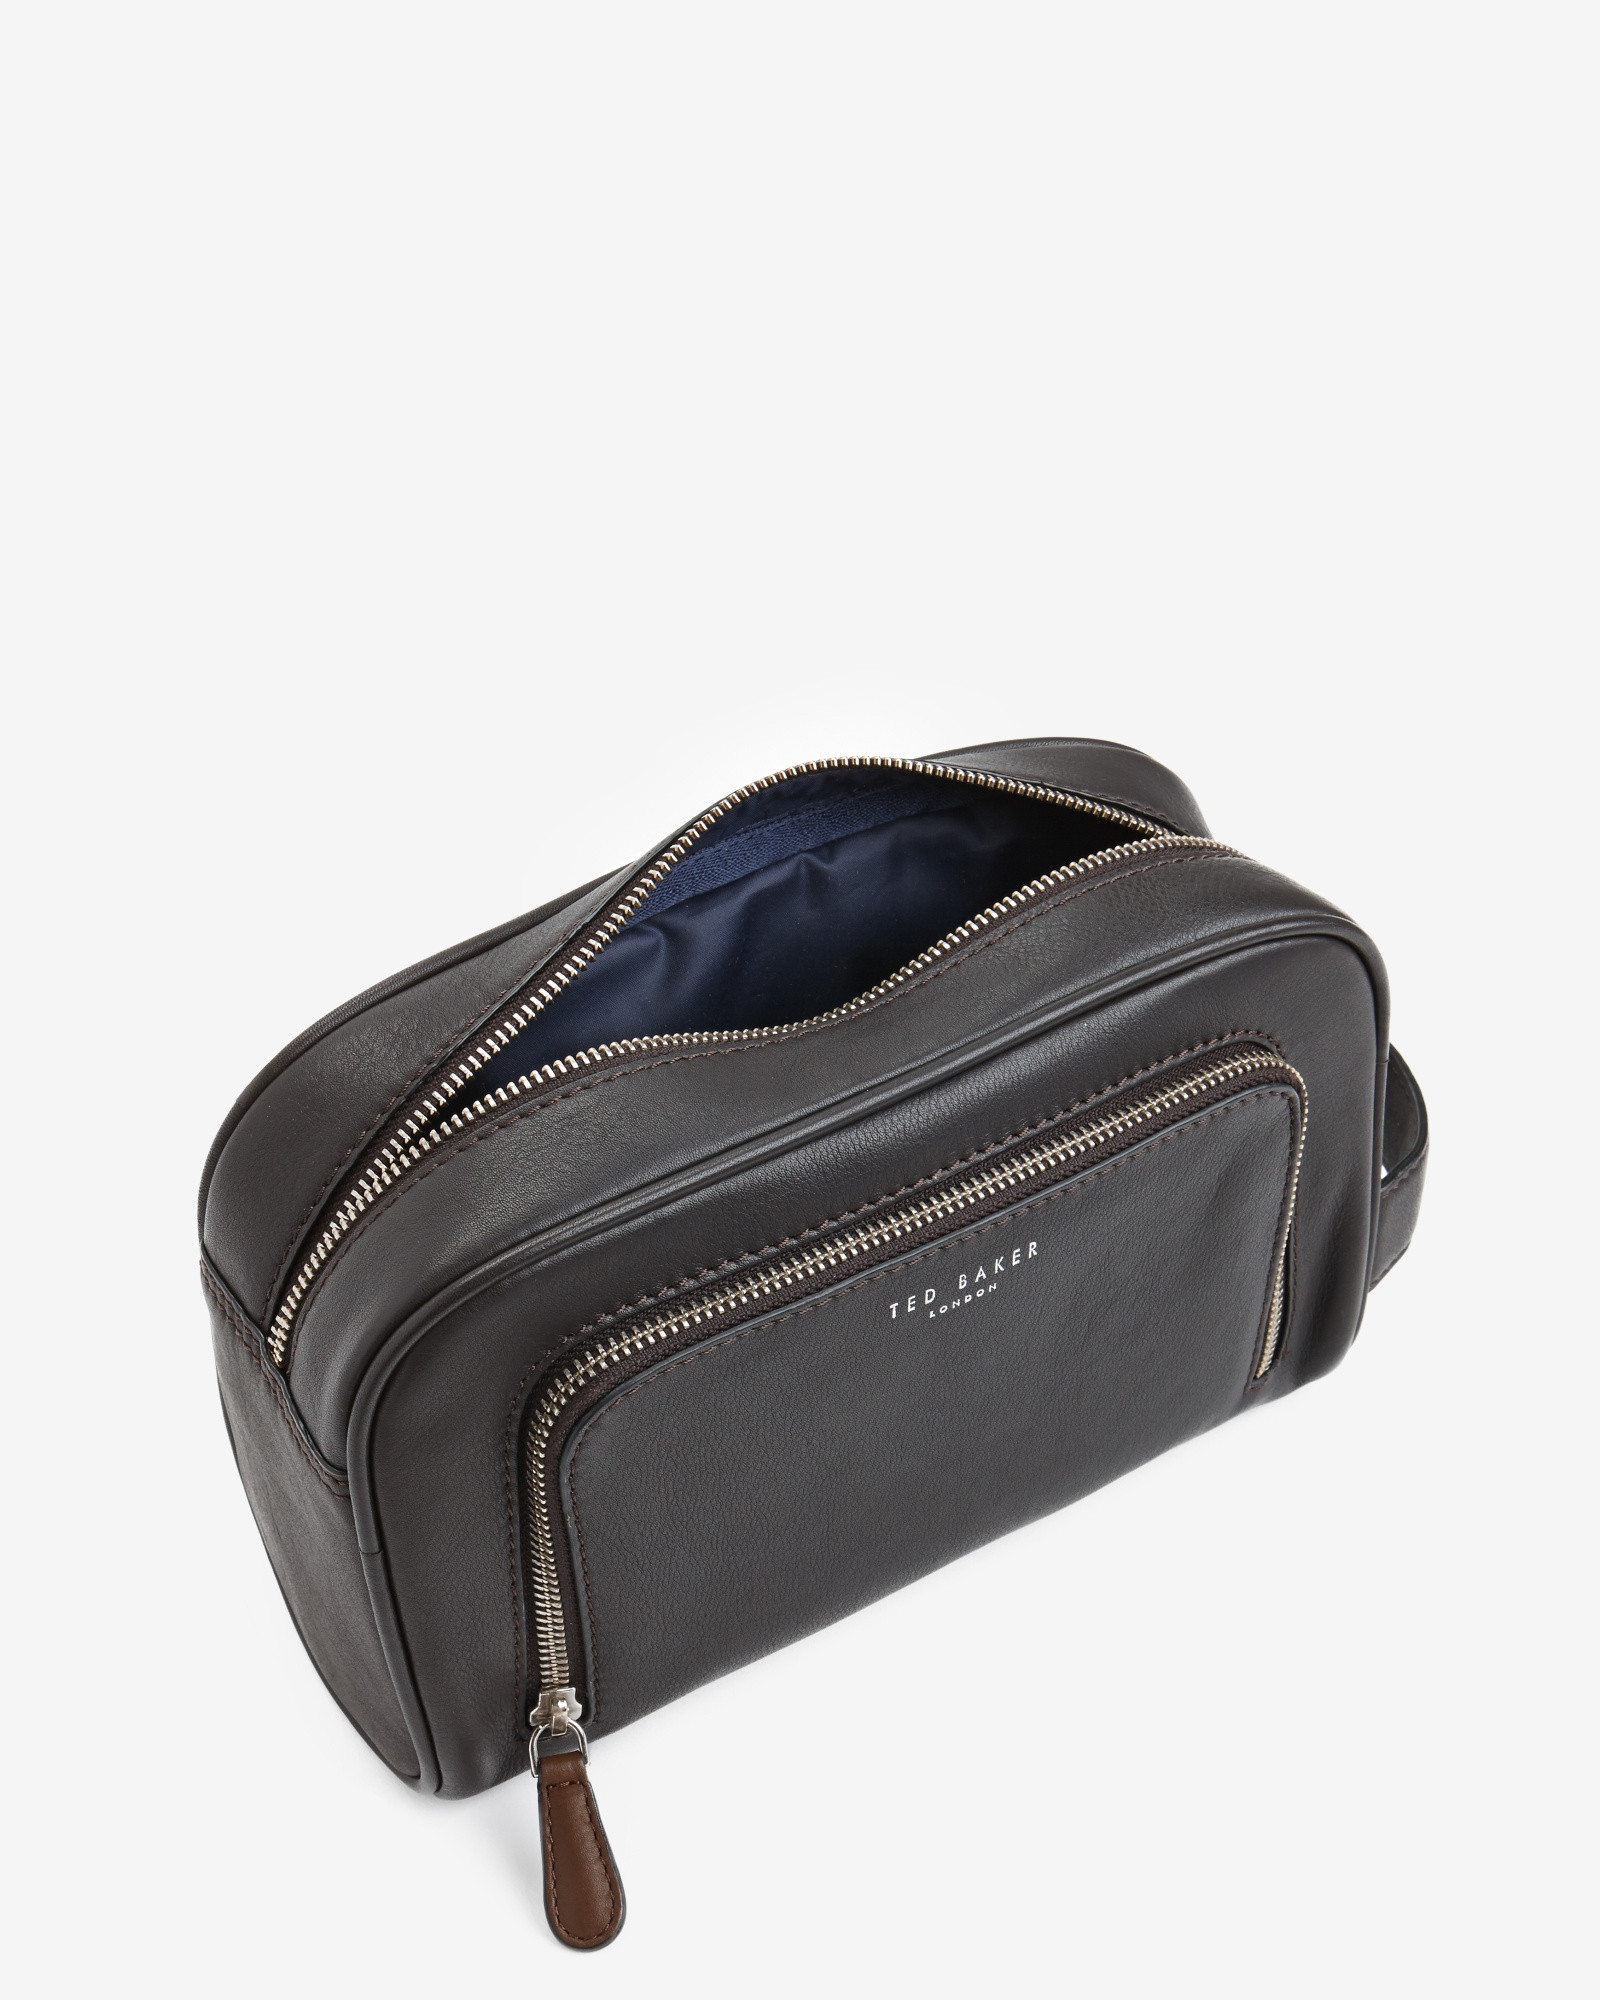 dc937d0b4c9b Ted Baker Zip Pocket Leather Wash Bag in Black for Men - Lyst